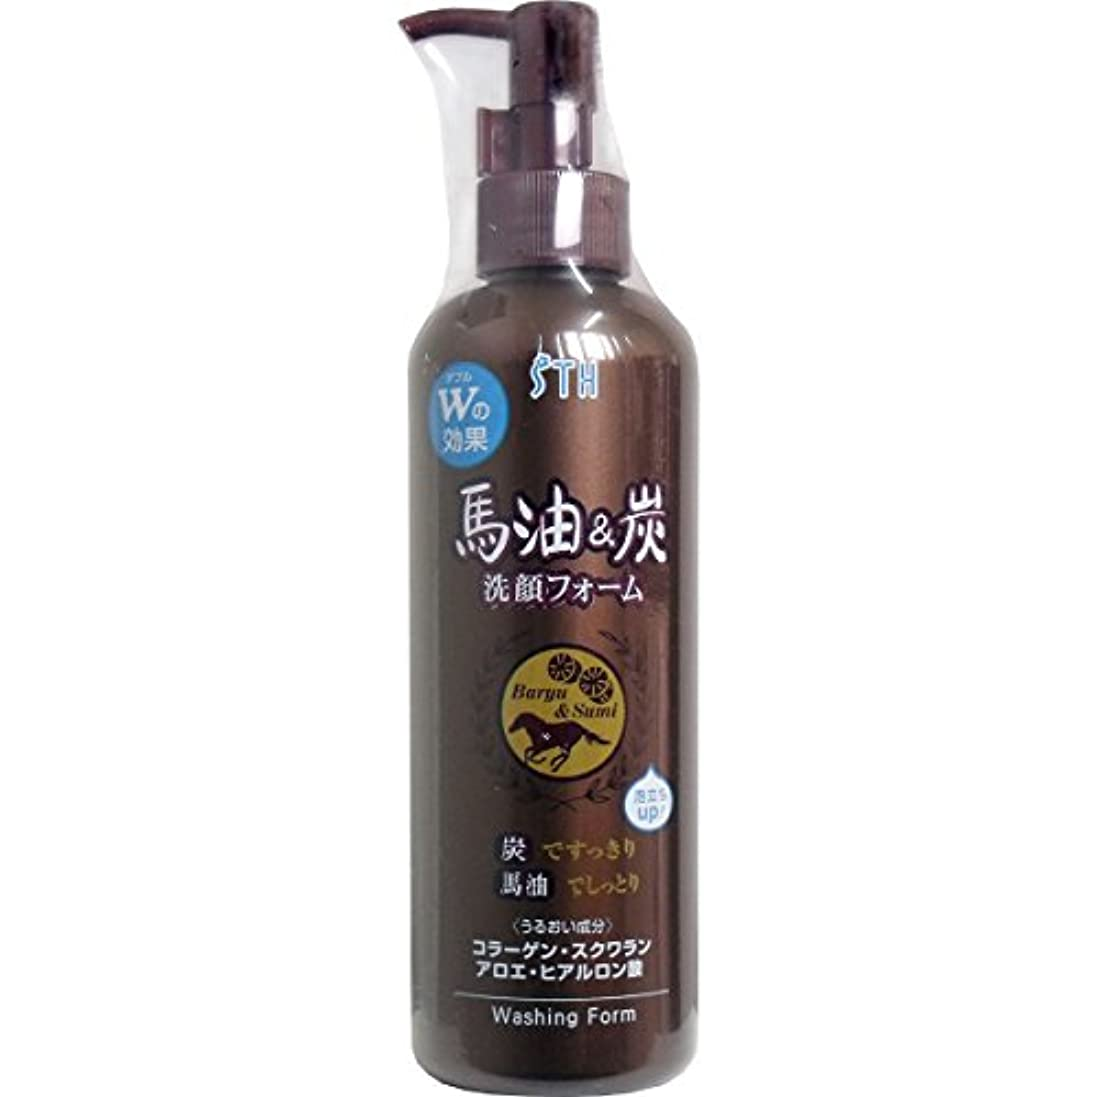 富多用途パワー馬油&炭 洗顔フォーム ポンプ 250mL【1個】